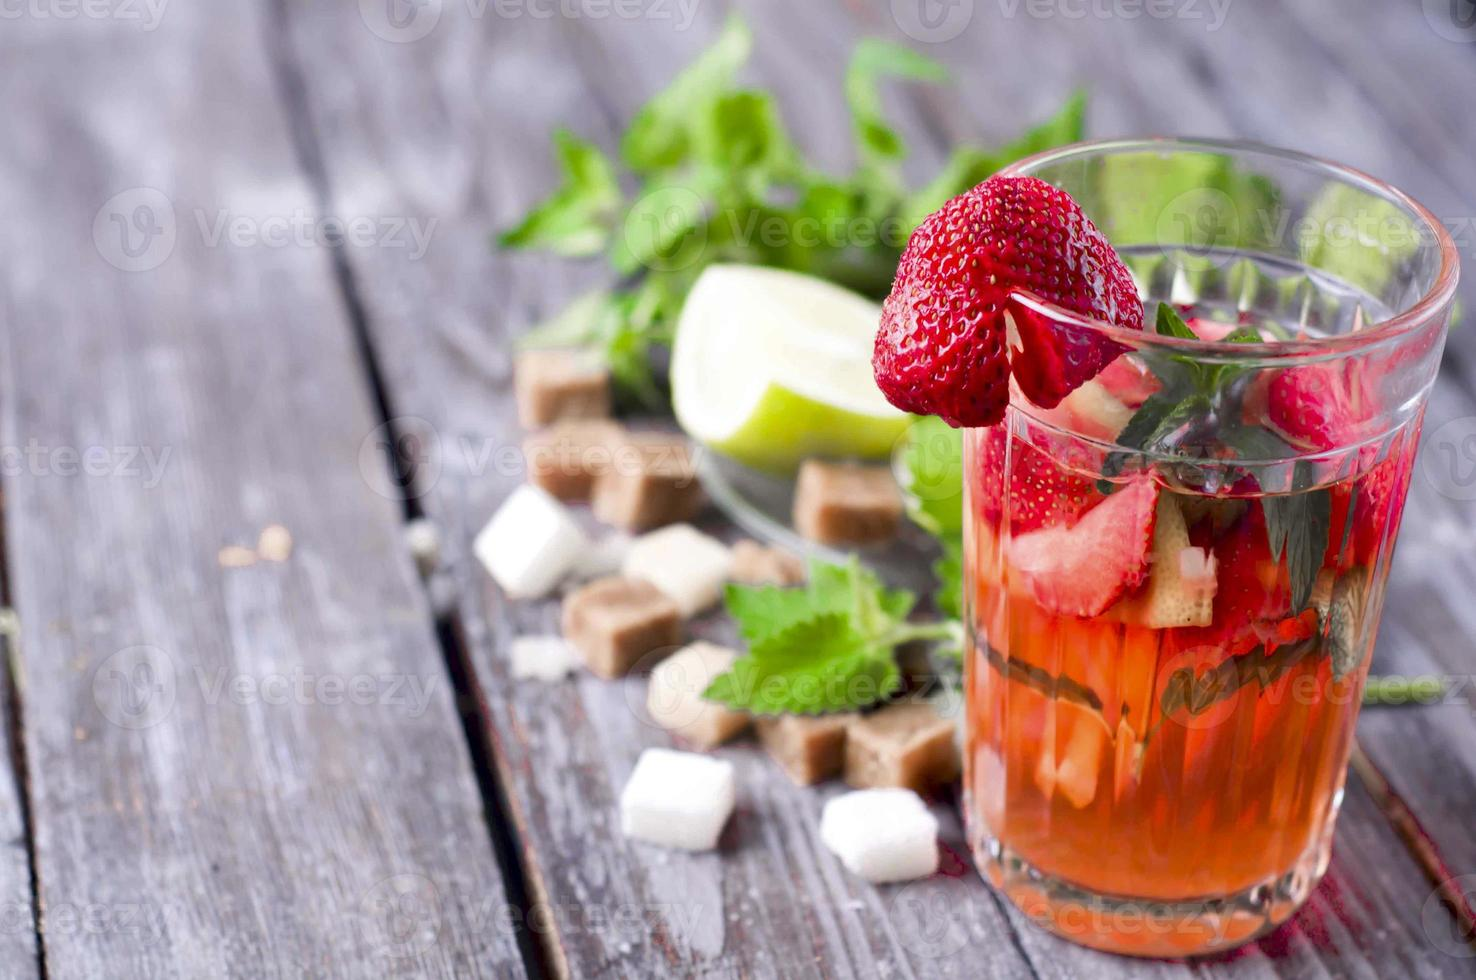 verfrissend zomerdrankje met aardbei foto